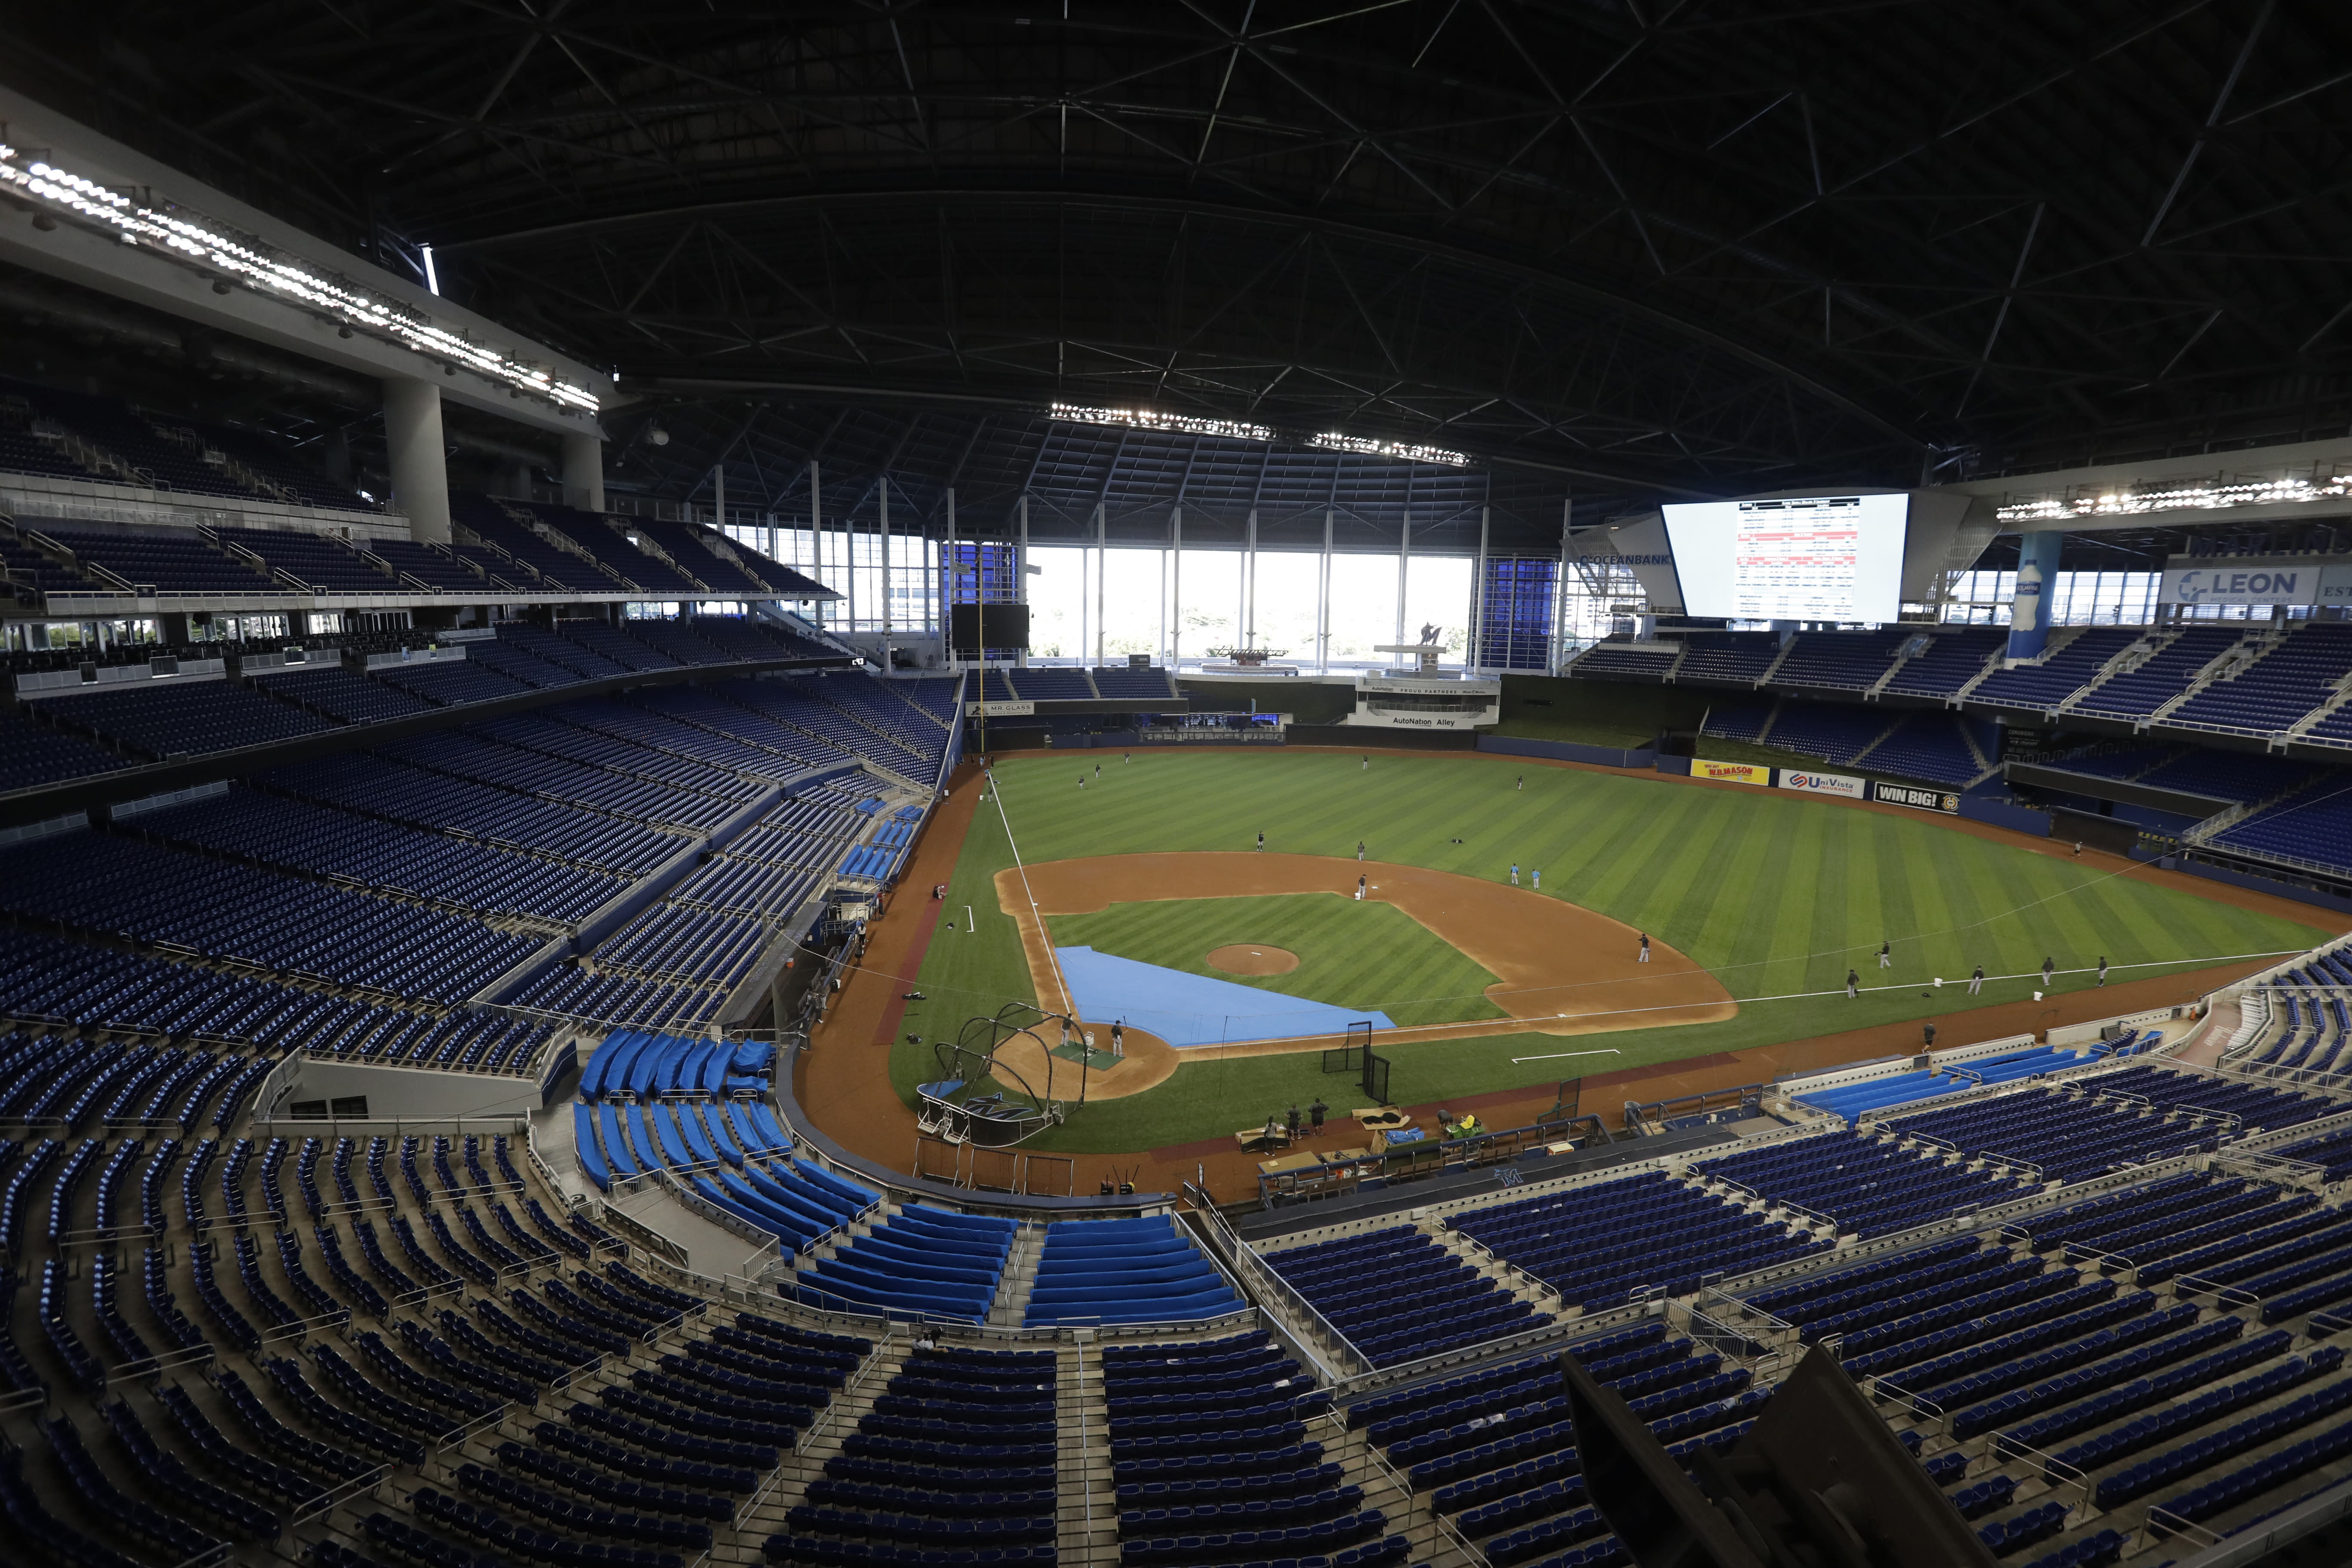 Miami Marlins run drills during a baseball workout at Marlins Park, Saturday, July 4, 2020, in Miami. (AP Photo/Wilfredo Lee)